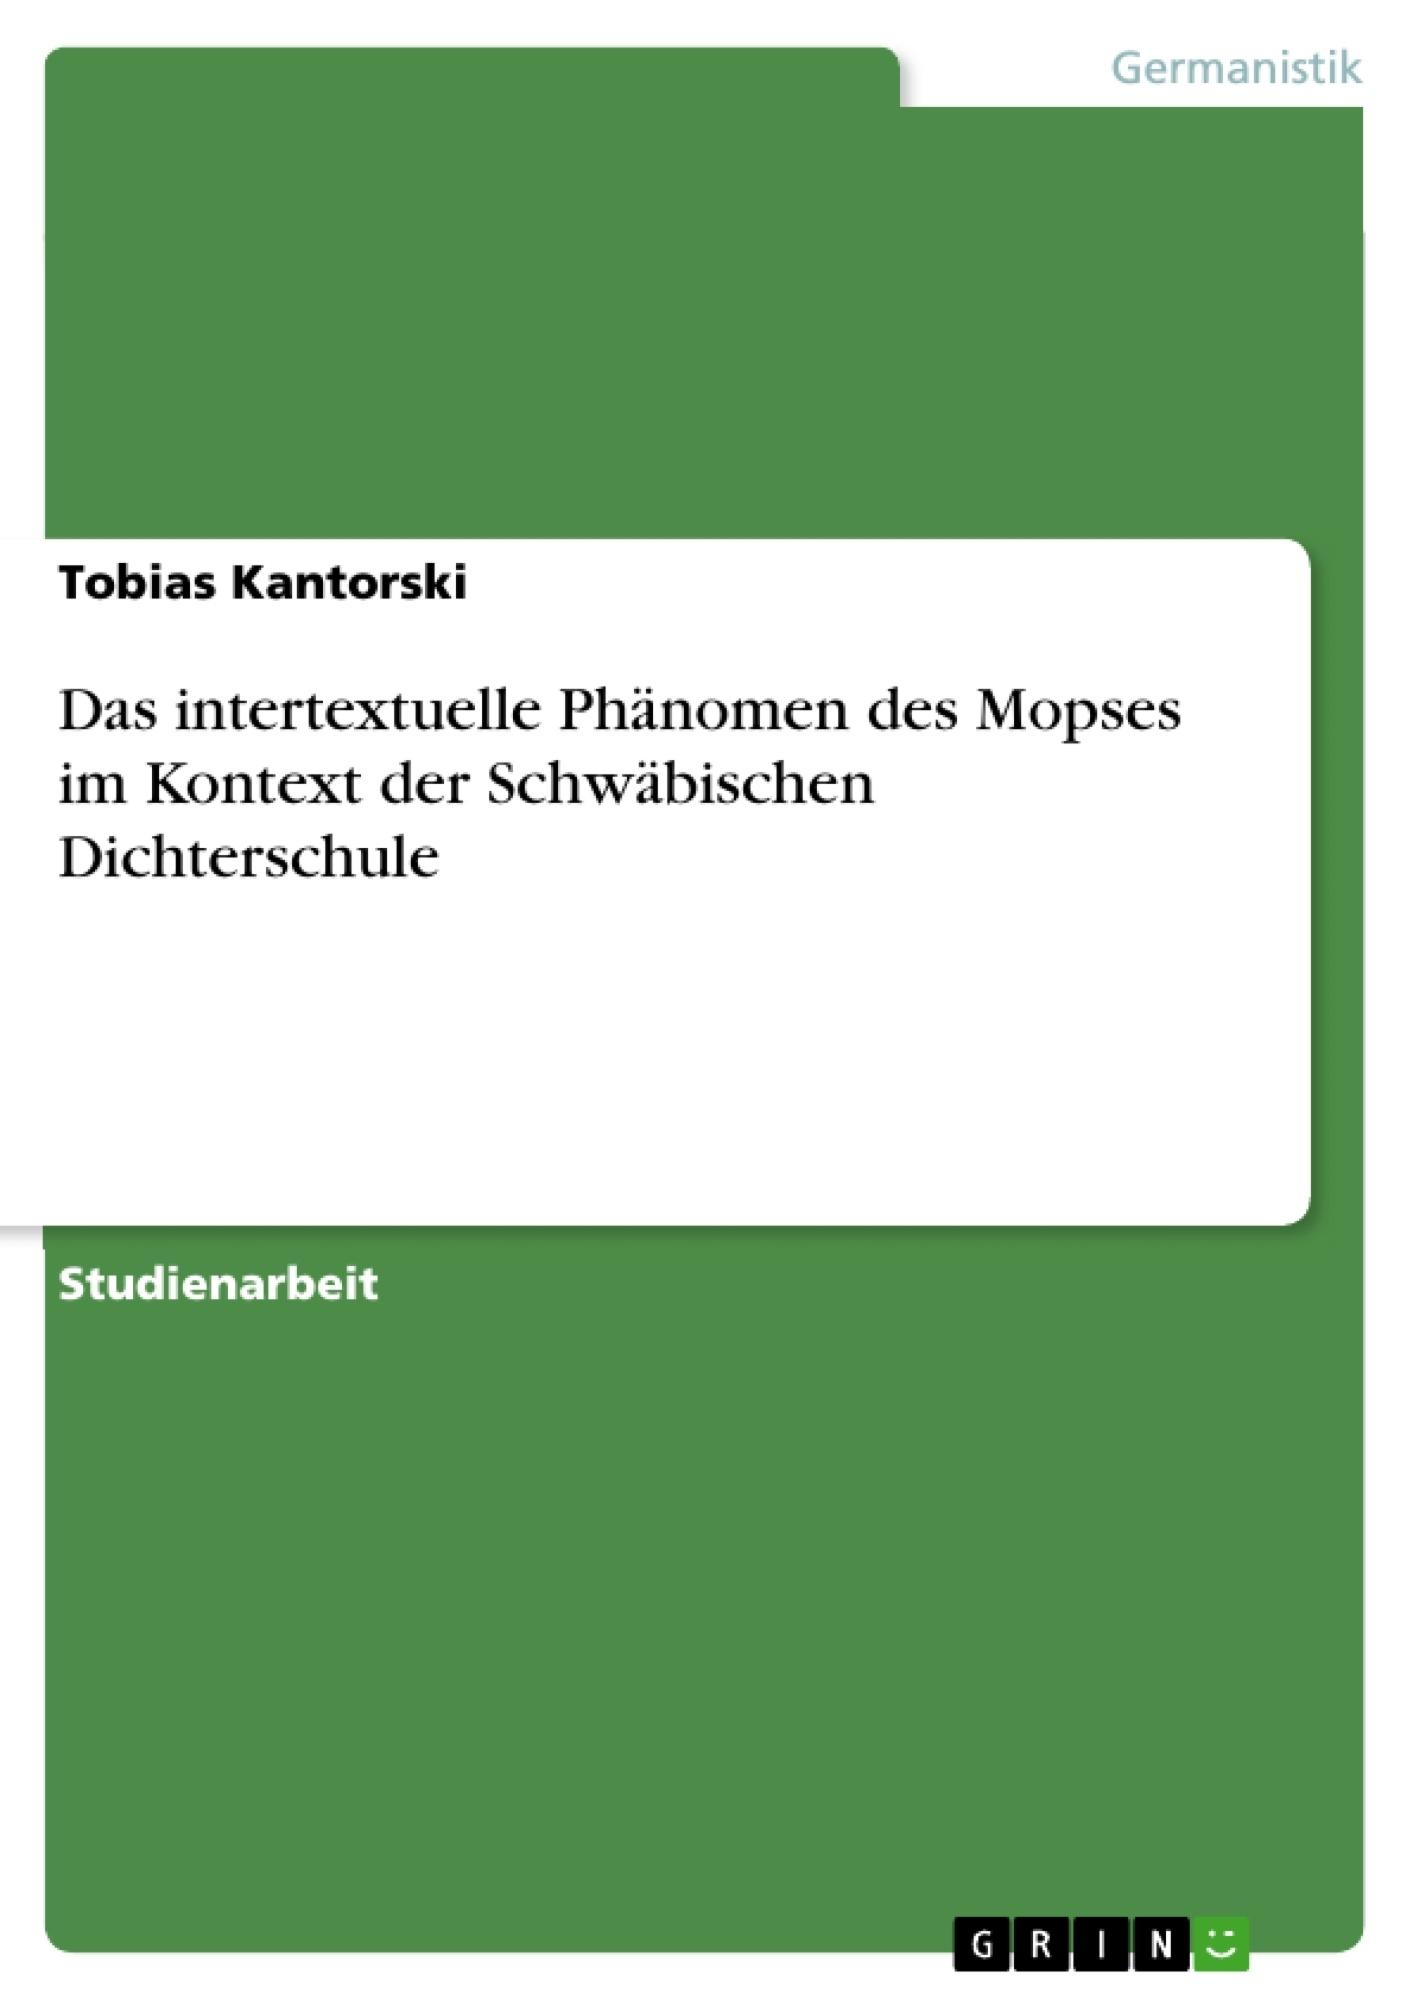 Titel: Das intertextuelle Phänomen des Mopses im Kontext der Schwäbischen Dichterschule